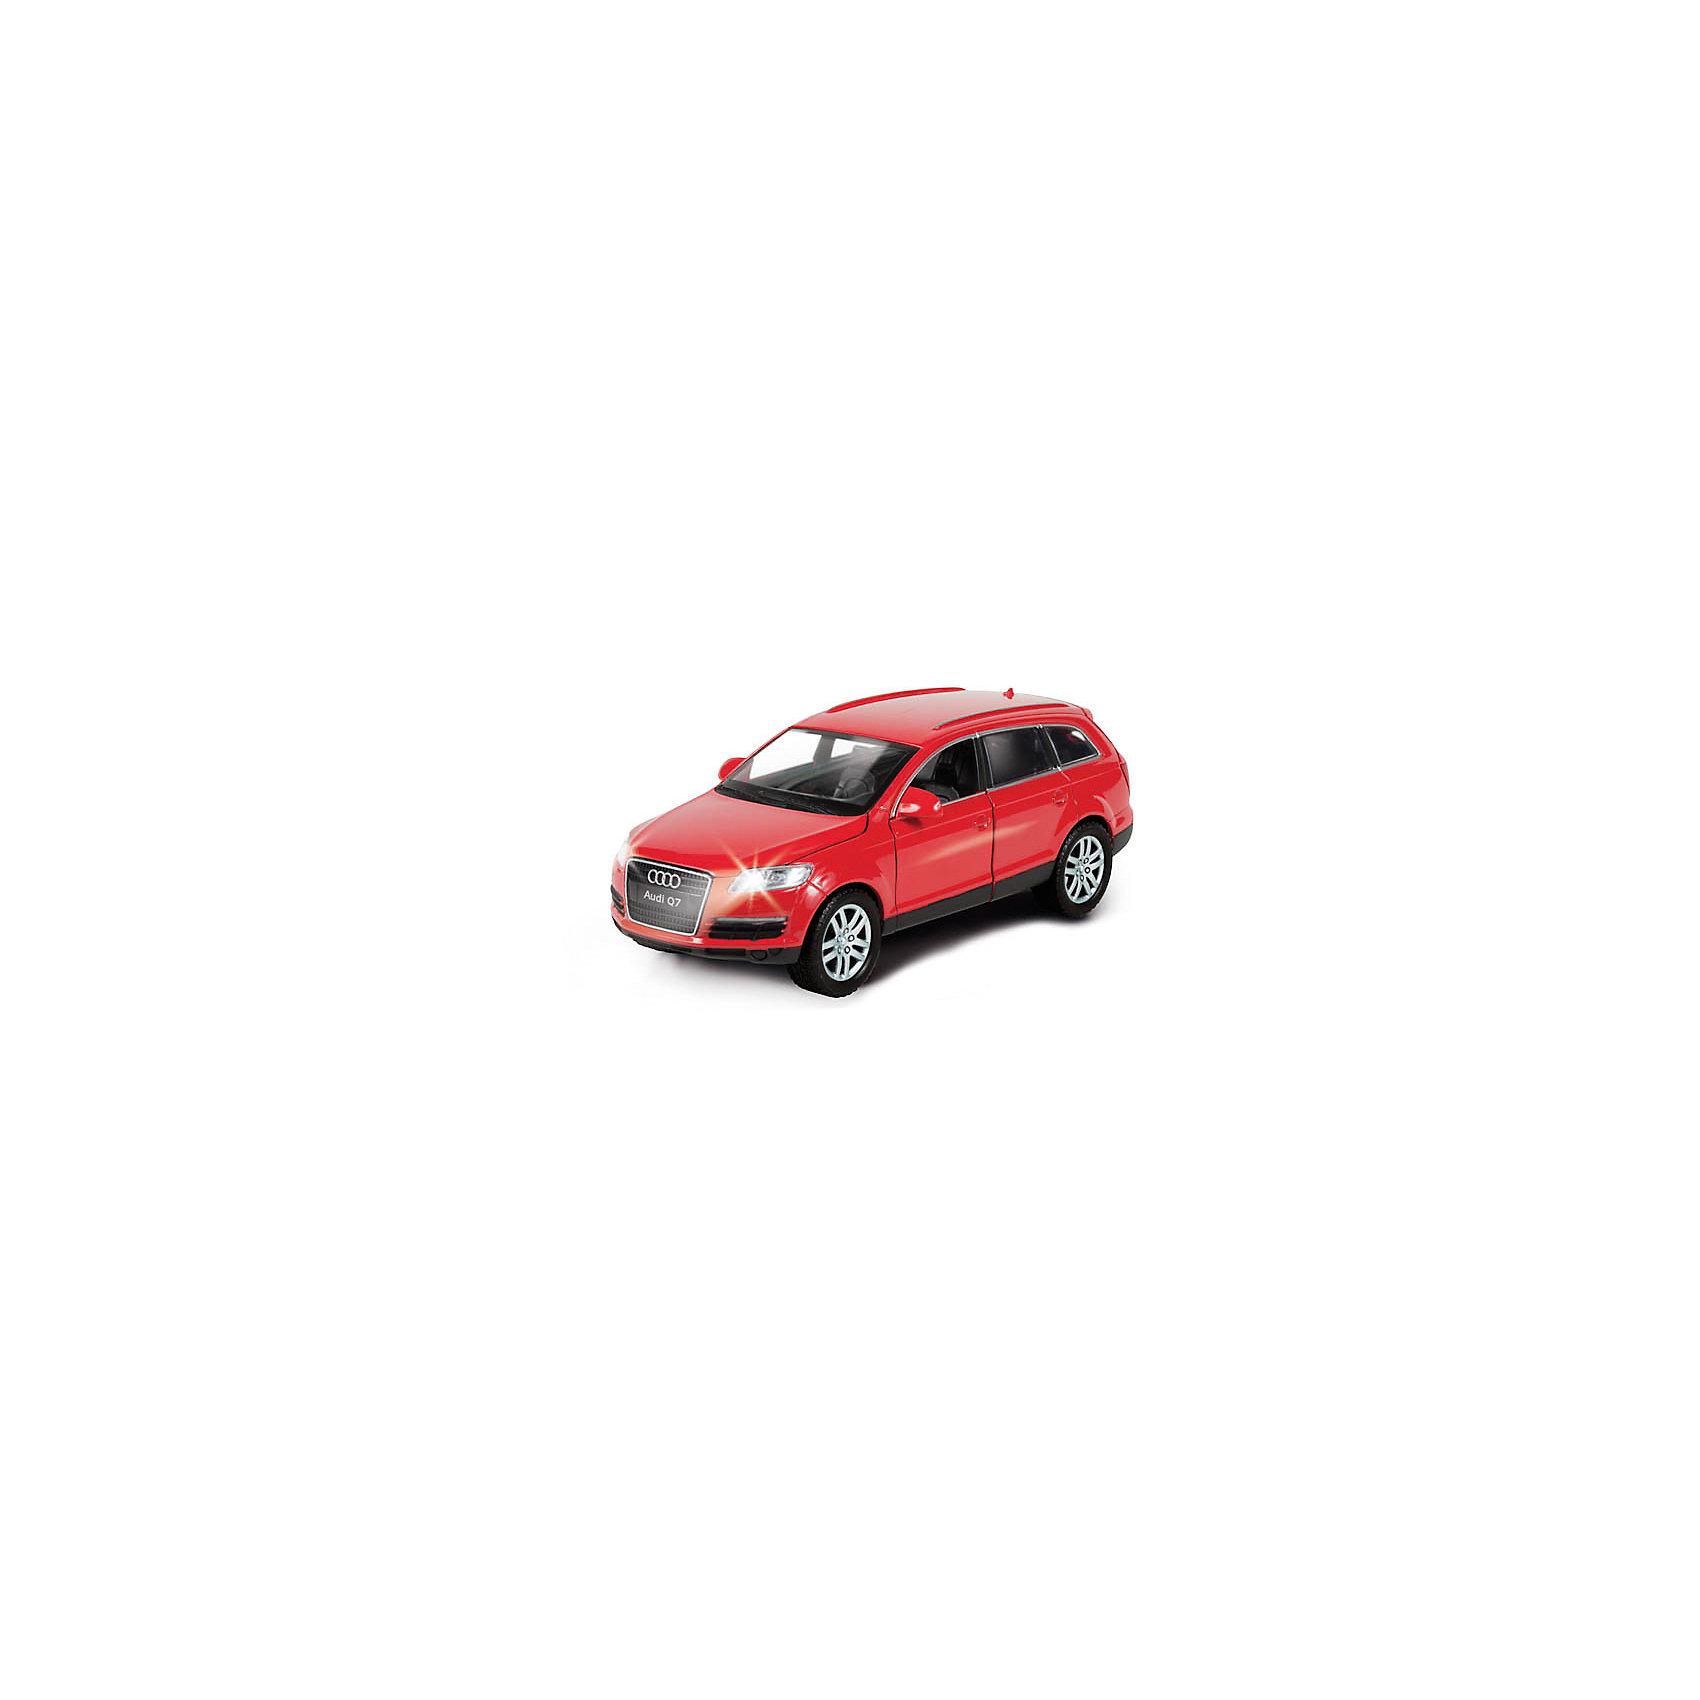 Машина Audi, со светом и звуком, ТЕХНОПАРКМашина Audi Q7 - современный мощный джип, который все мальчишки мечтают получить для своей коллекции. Машинка отлично детализирована, у нее открываются двери, багажник и капот. Можно детально рассмотреть салон. Игру сделают еще реалистичнее световые и звуковые эффекты. Модель Audi Q7 оснащена инерционным механизмом, поэтому может двигаться вперед на отличной скорости. Чтобы привести инерционный механизм в действие, откатите машинку назад, держа ее за крышу и чуть надавливая на нее, а затем отпустите. Родителей особенно порадуют широкие обрезиненные колеса, которые не испортят напольное покрытие. Машина Audi Q7 от ТЕХНОПАРК - отличное дополнение для коллекции машинок ребенка!  <br><br>Дополнительная информация:<br><br>- Прекрасная детализация;<br>- Реалистичные световые и звуковые эффекты;<br>- Материал: металл, пластик;<br>- Размер упаковки: 22 х 9 х 14 см;<br>- Вес: 400 г<br><br>Машину Audi, со светом и звуком, ТЕХНОПАРК можно купить в нашем интернет-магазине.<br><br>Ширина мм: 220<br>Глубина мм: 90<br>Высота мм: 140<br>Вес г: 400<br>Возраст от месяцев: 36<br>Возраст до месяцев: 144<br>Пол: Мужской<br>Возраст: Детский<br>SKU: 4082944